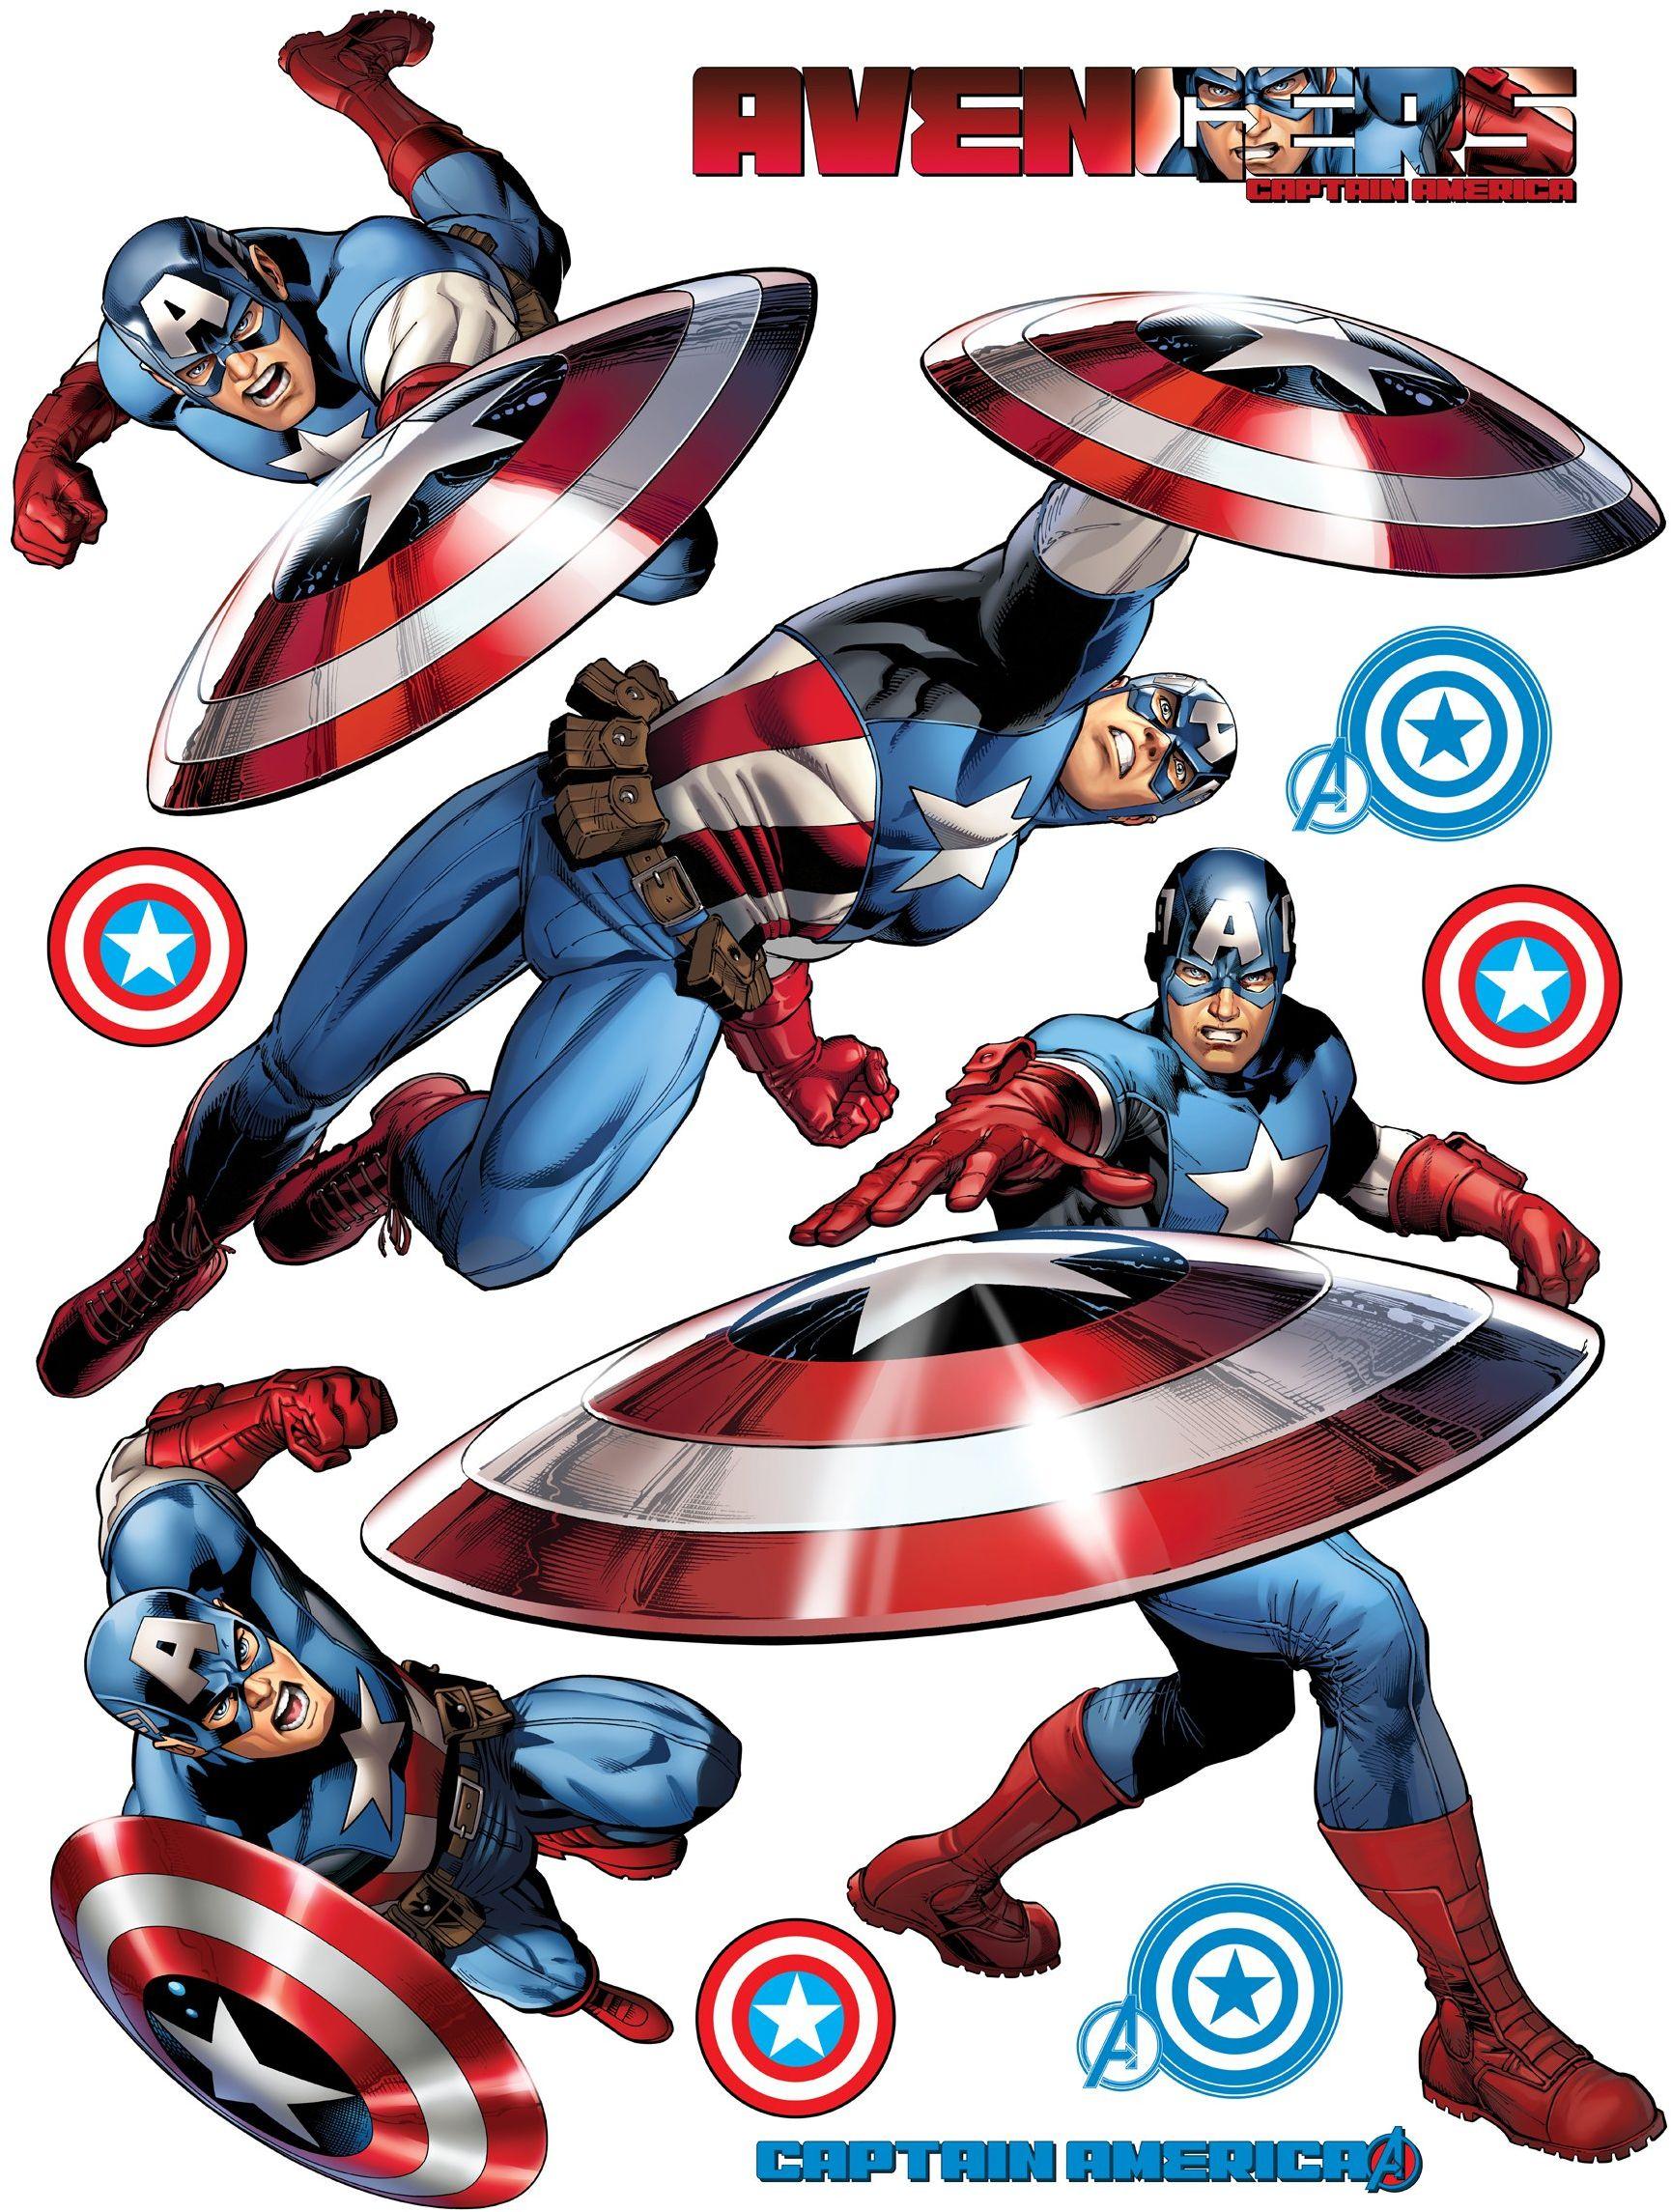 AG Design Marvel Captain America naklejki ścienne, 1 sztuka, folia PVC (bez ftalanów), wielokolorowe, 65 x 85 cm